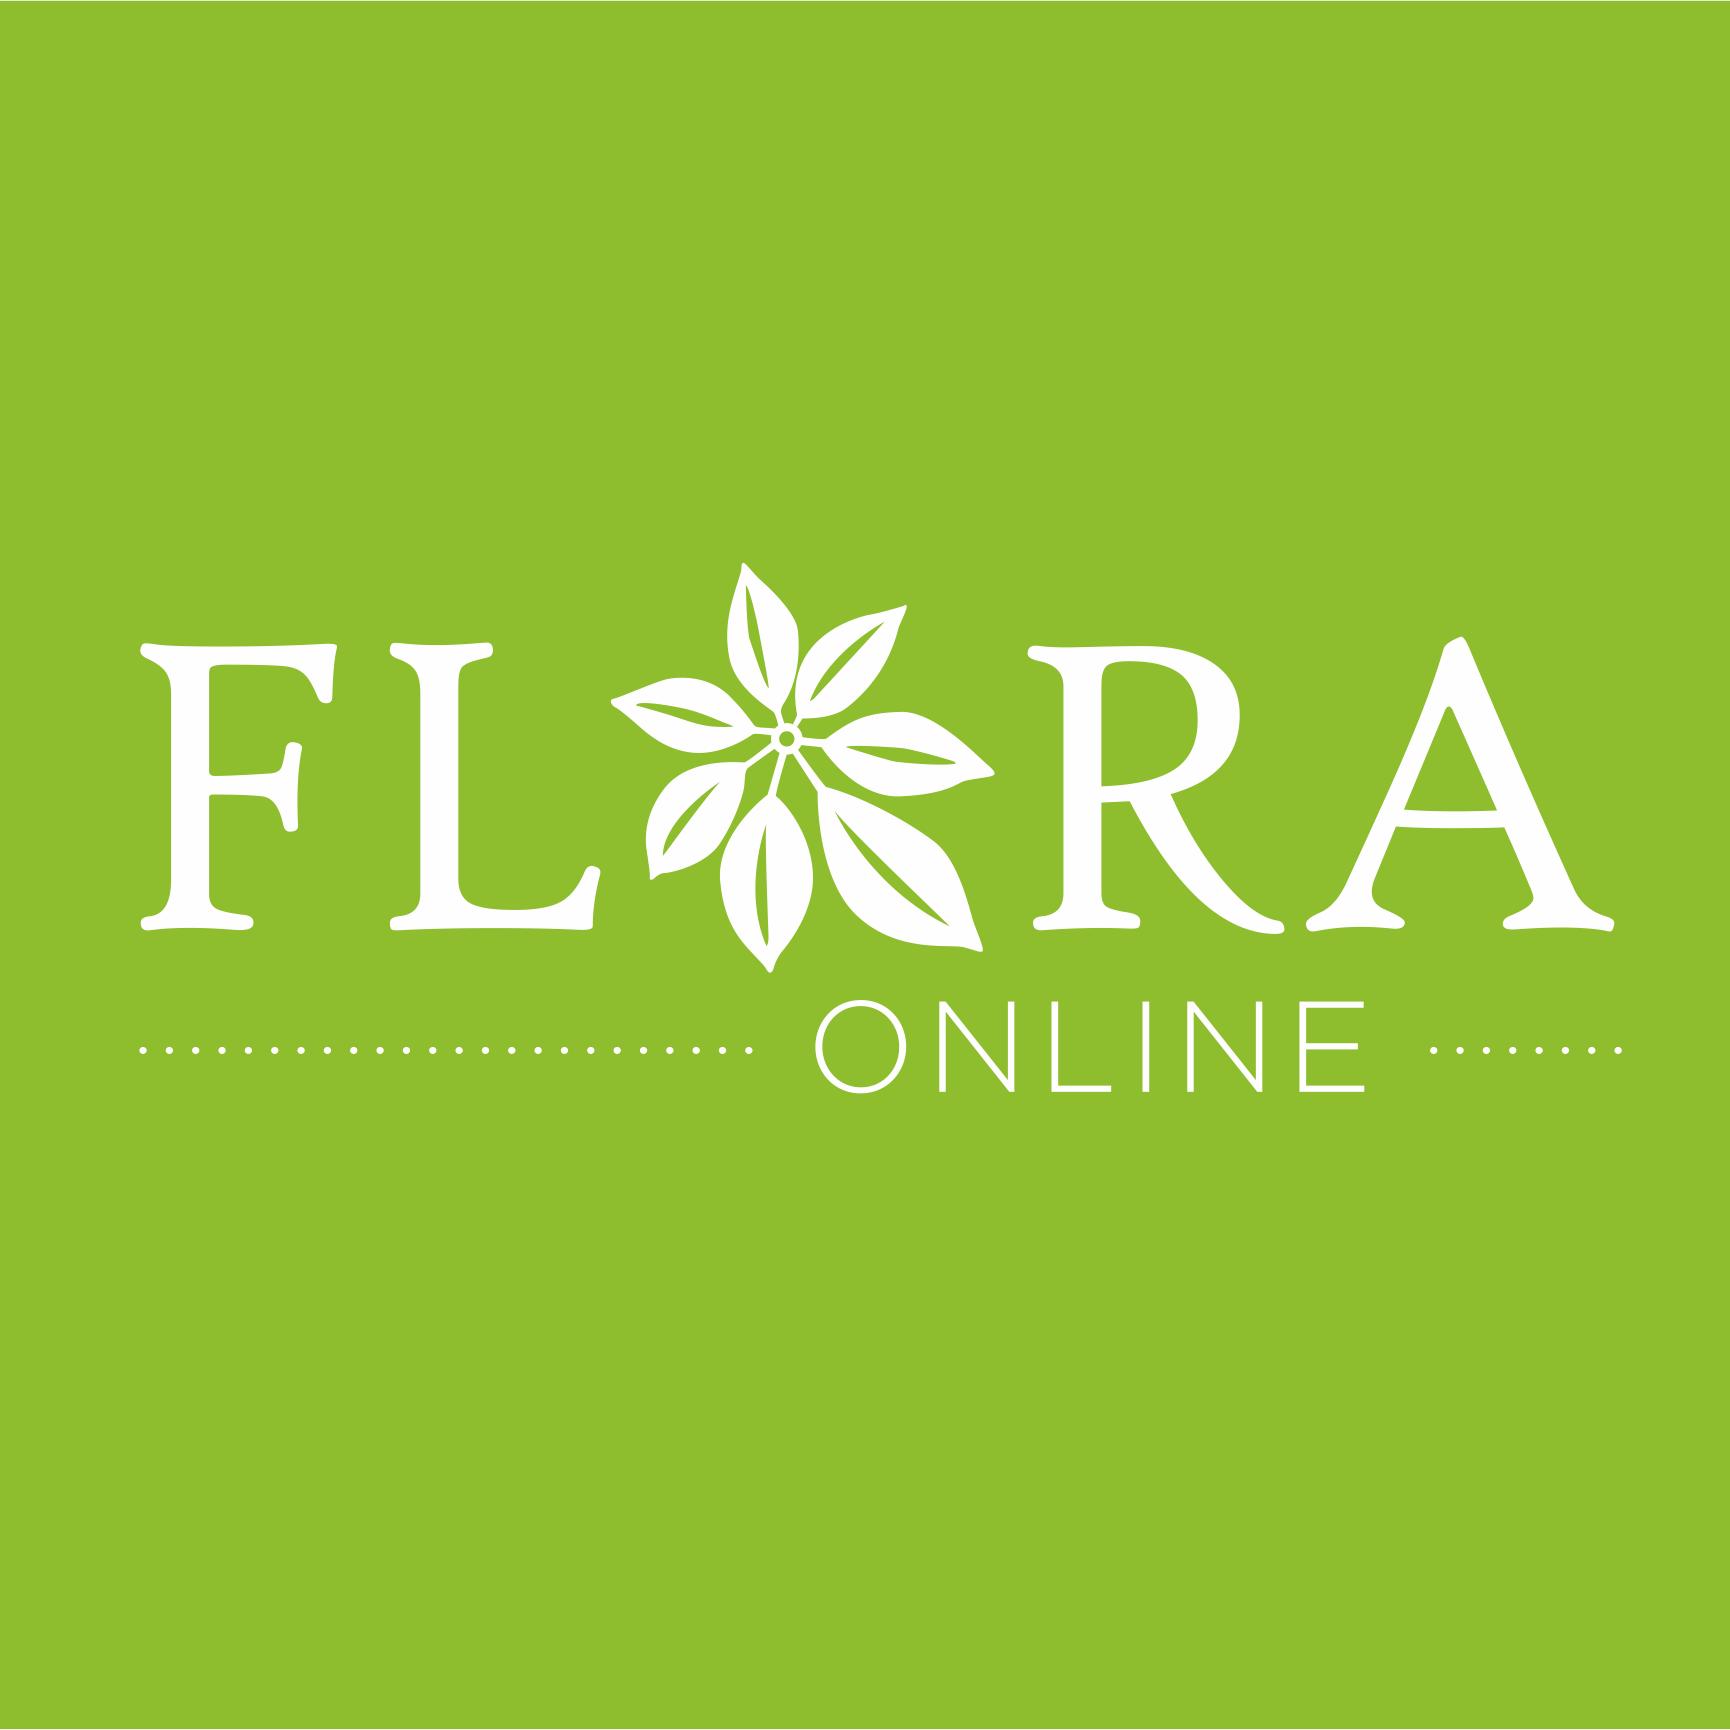 Slevový kód 100 Kč na Flora-online.cz